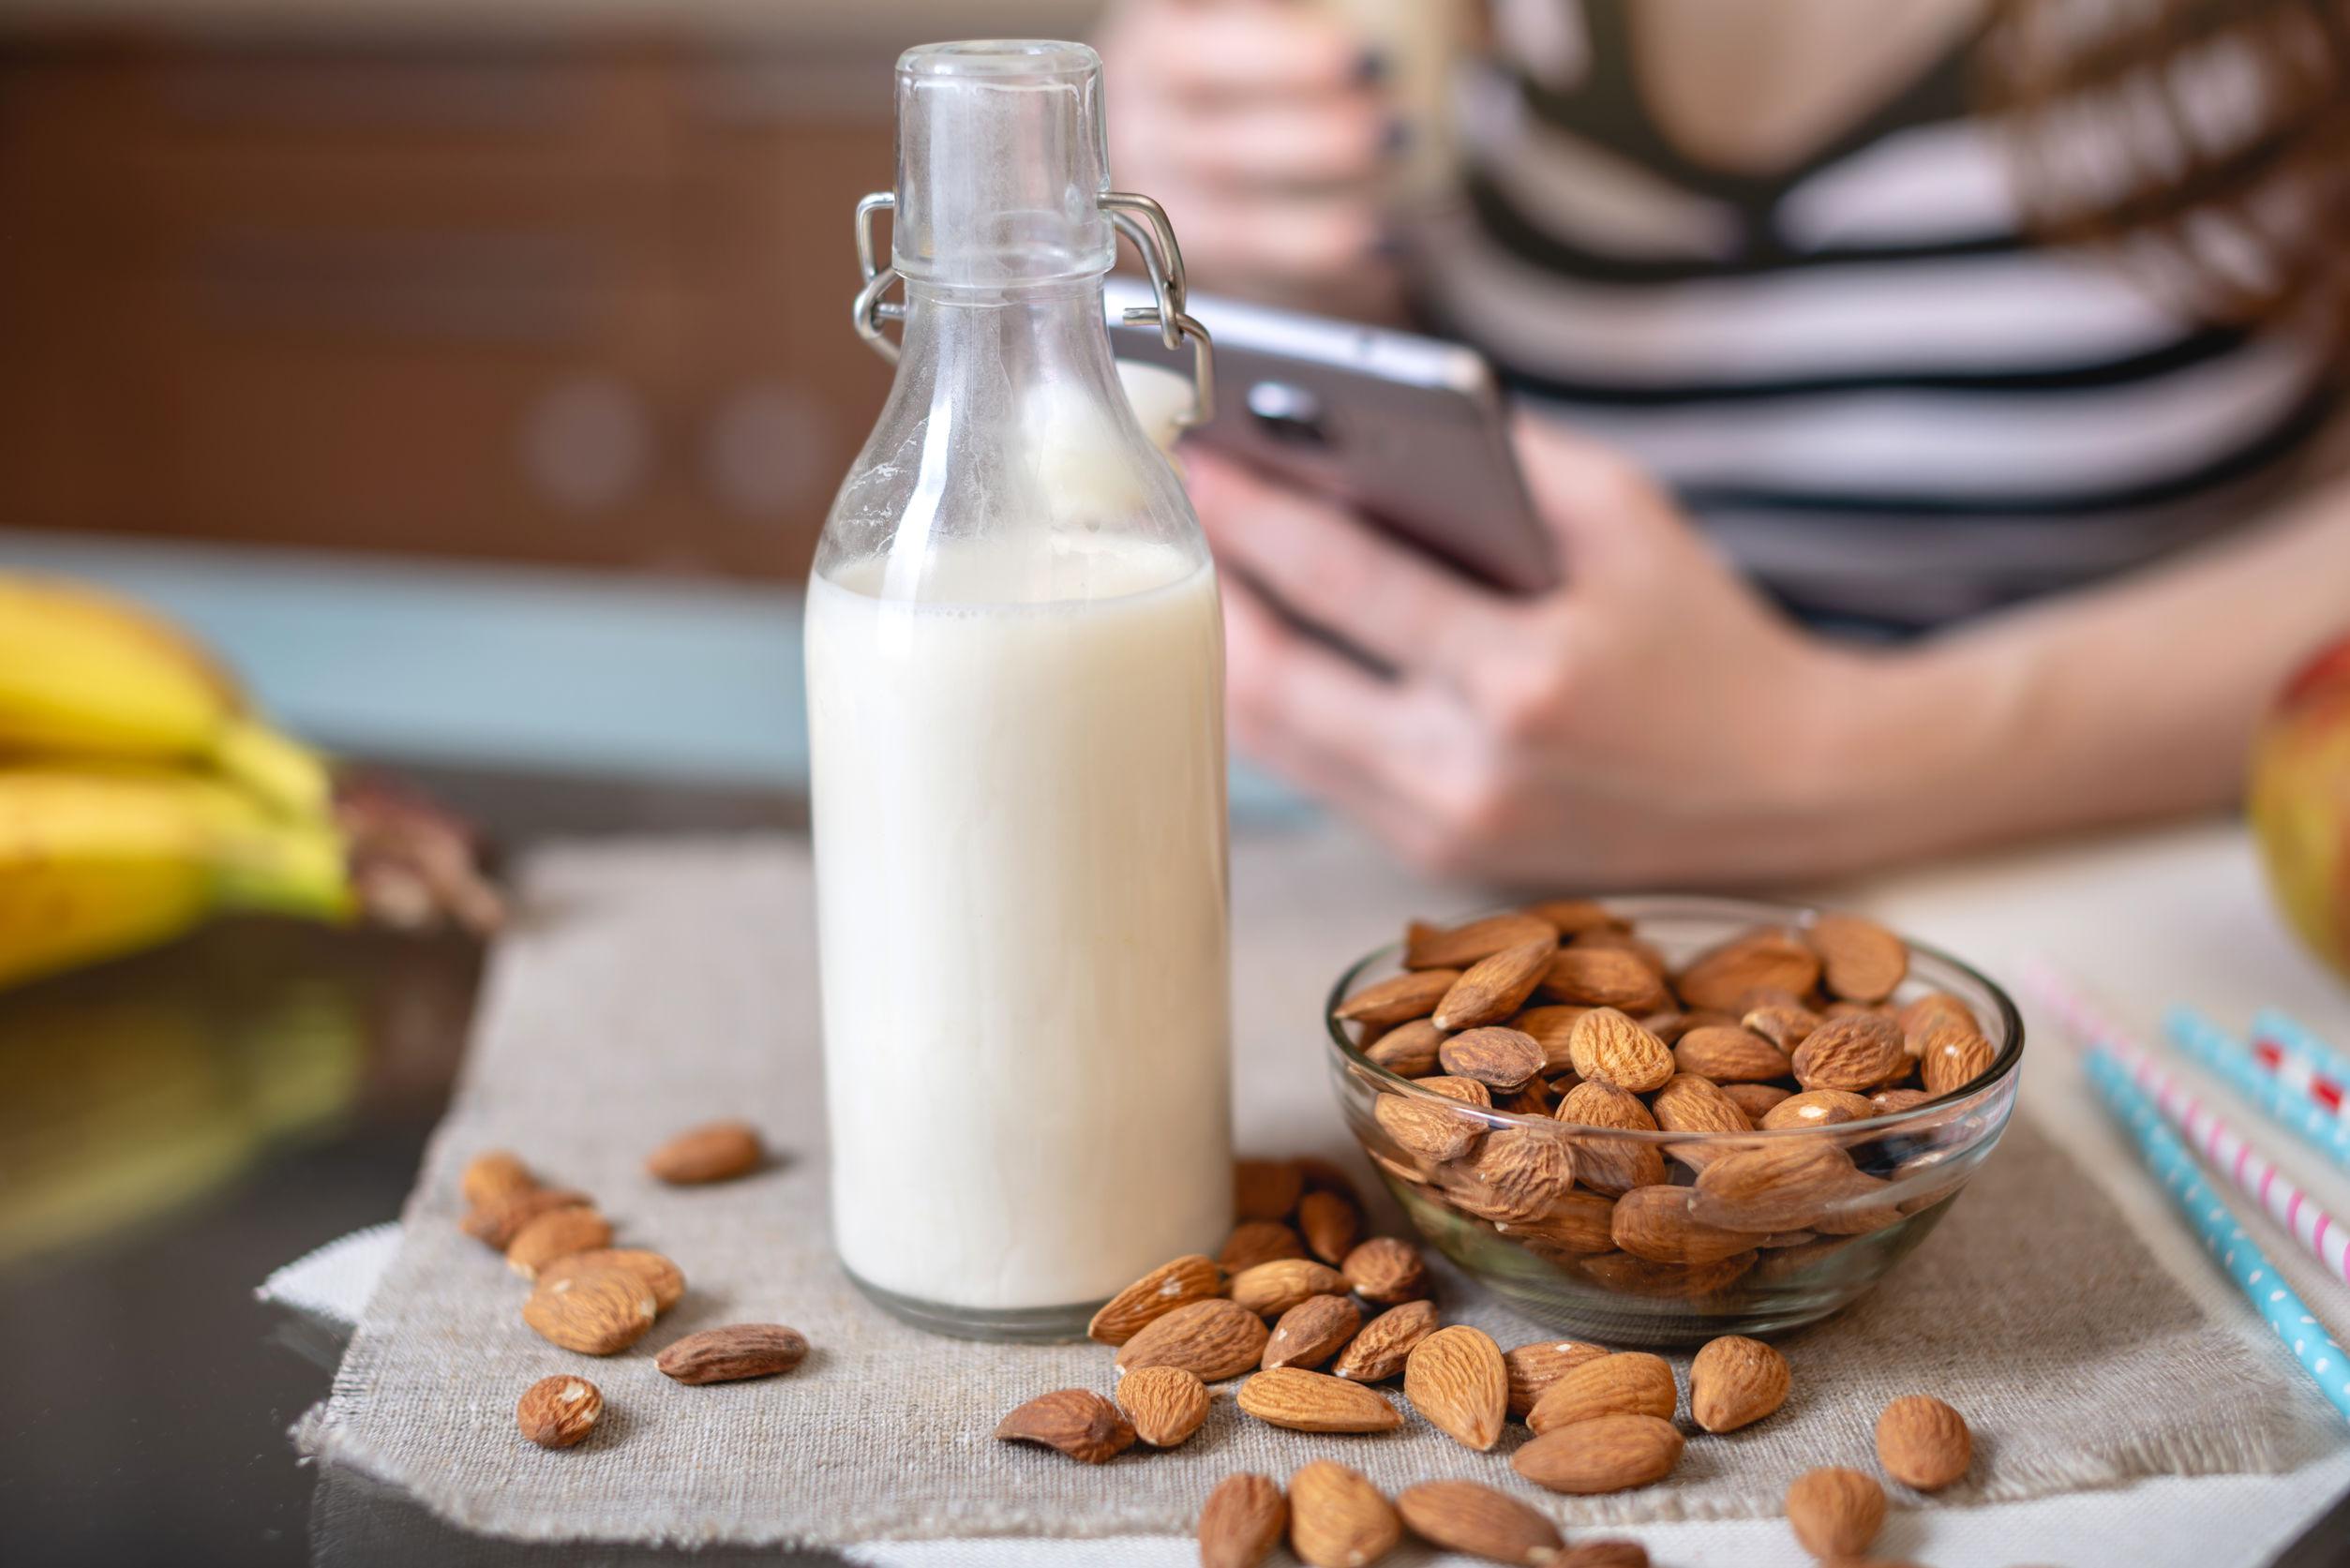 Imagen de leche de almendra en bortella y almendras junto a ella, atras una érsona sosteniendo el móvil